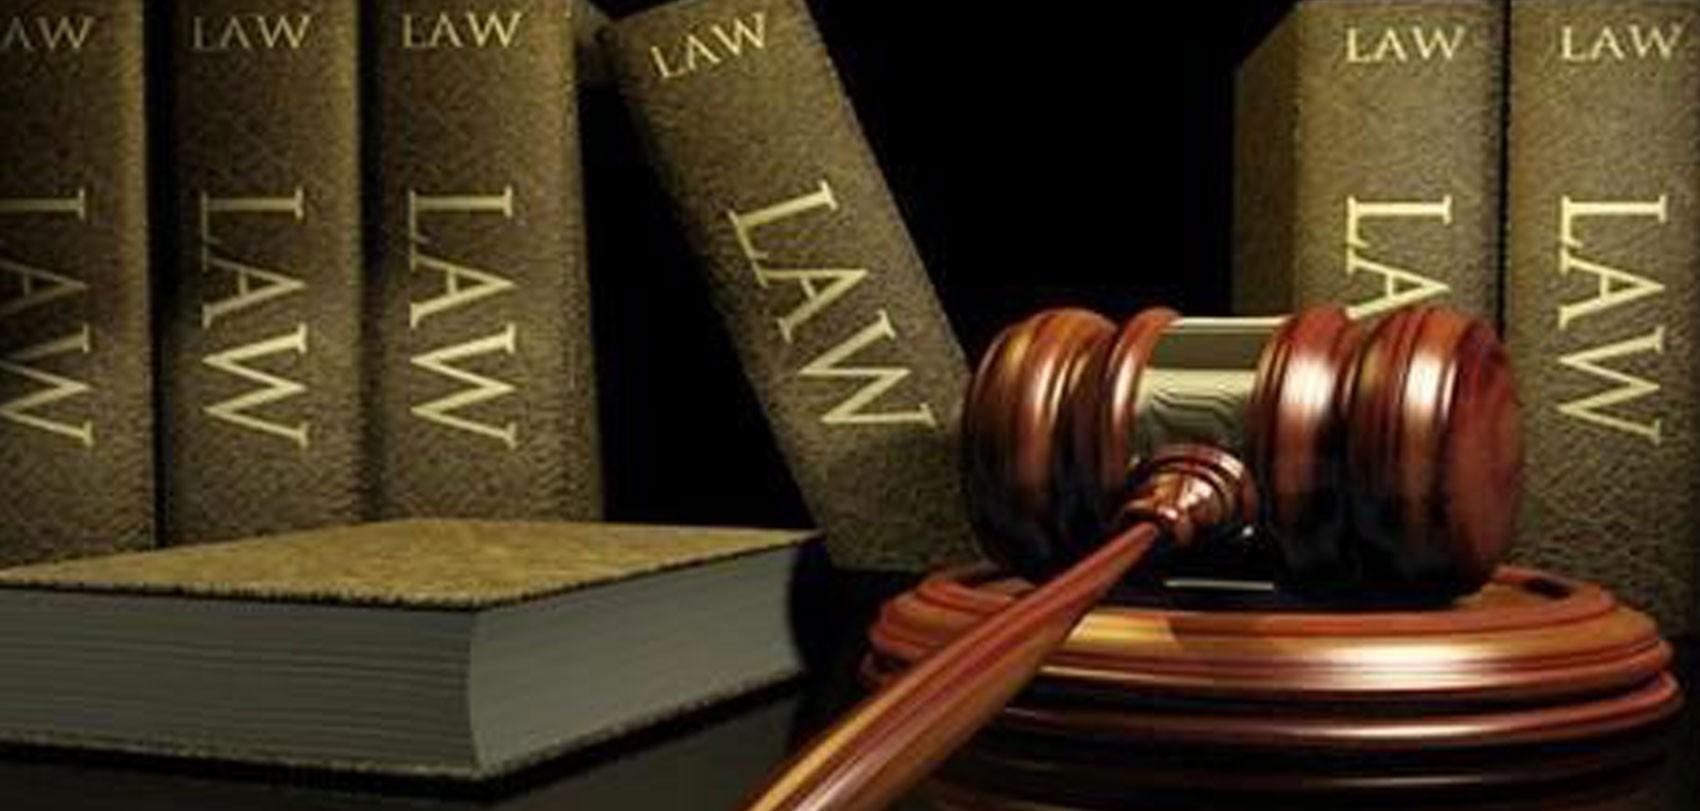 मौलिक हकसम्बन्धी कानून अझै संसदमा पुगेन